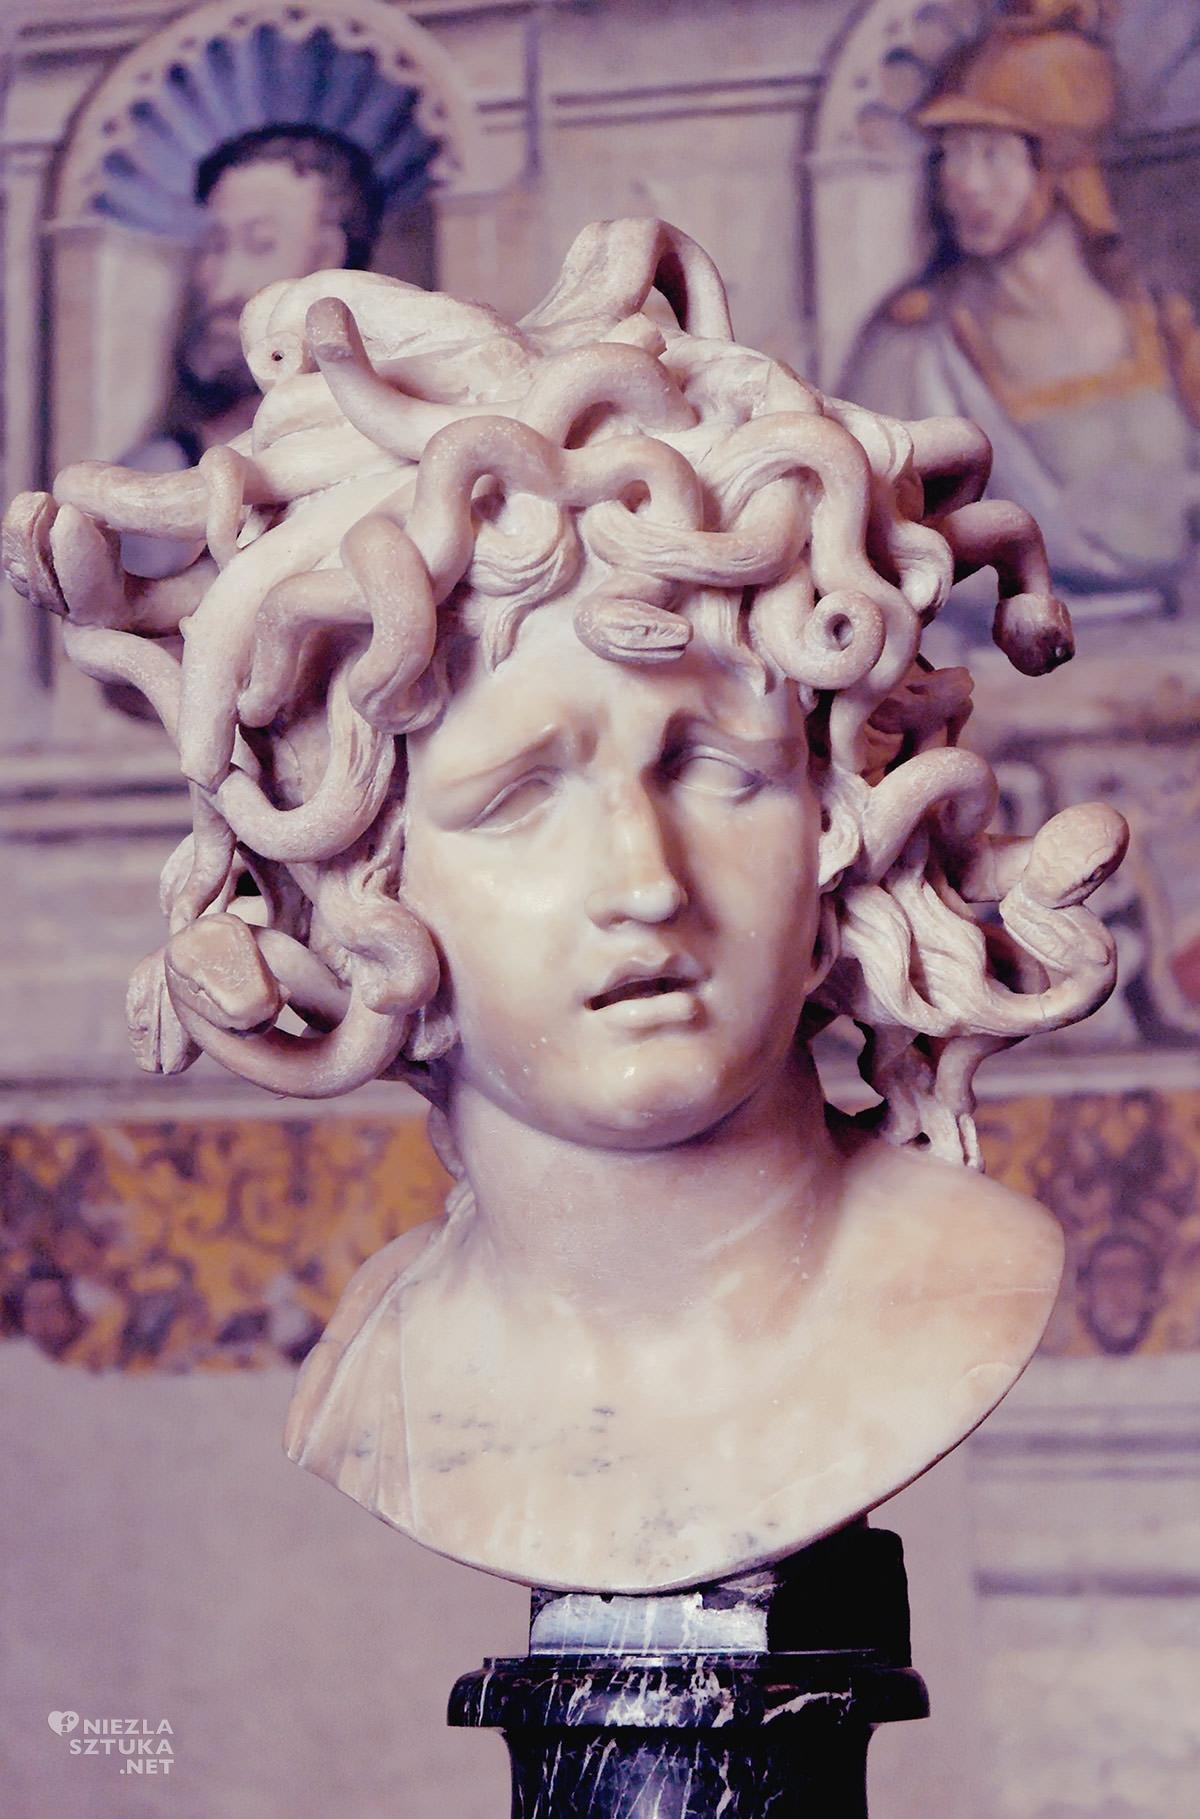 Gian Lorenzo Bernini, Głowa Meduzy, Meduza, Muzea Kapitolińskie, sztuka włoska, rzeźba, Rzym, przewodnik po Rzymie, sztuka w Rzymie, Niezła sztuka